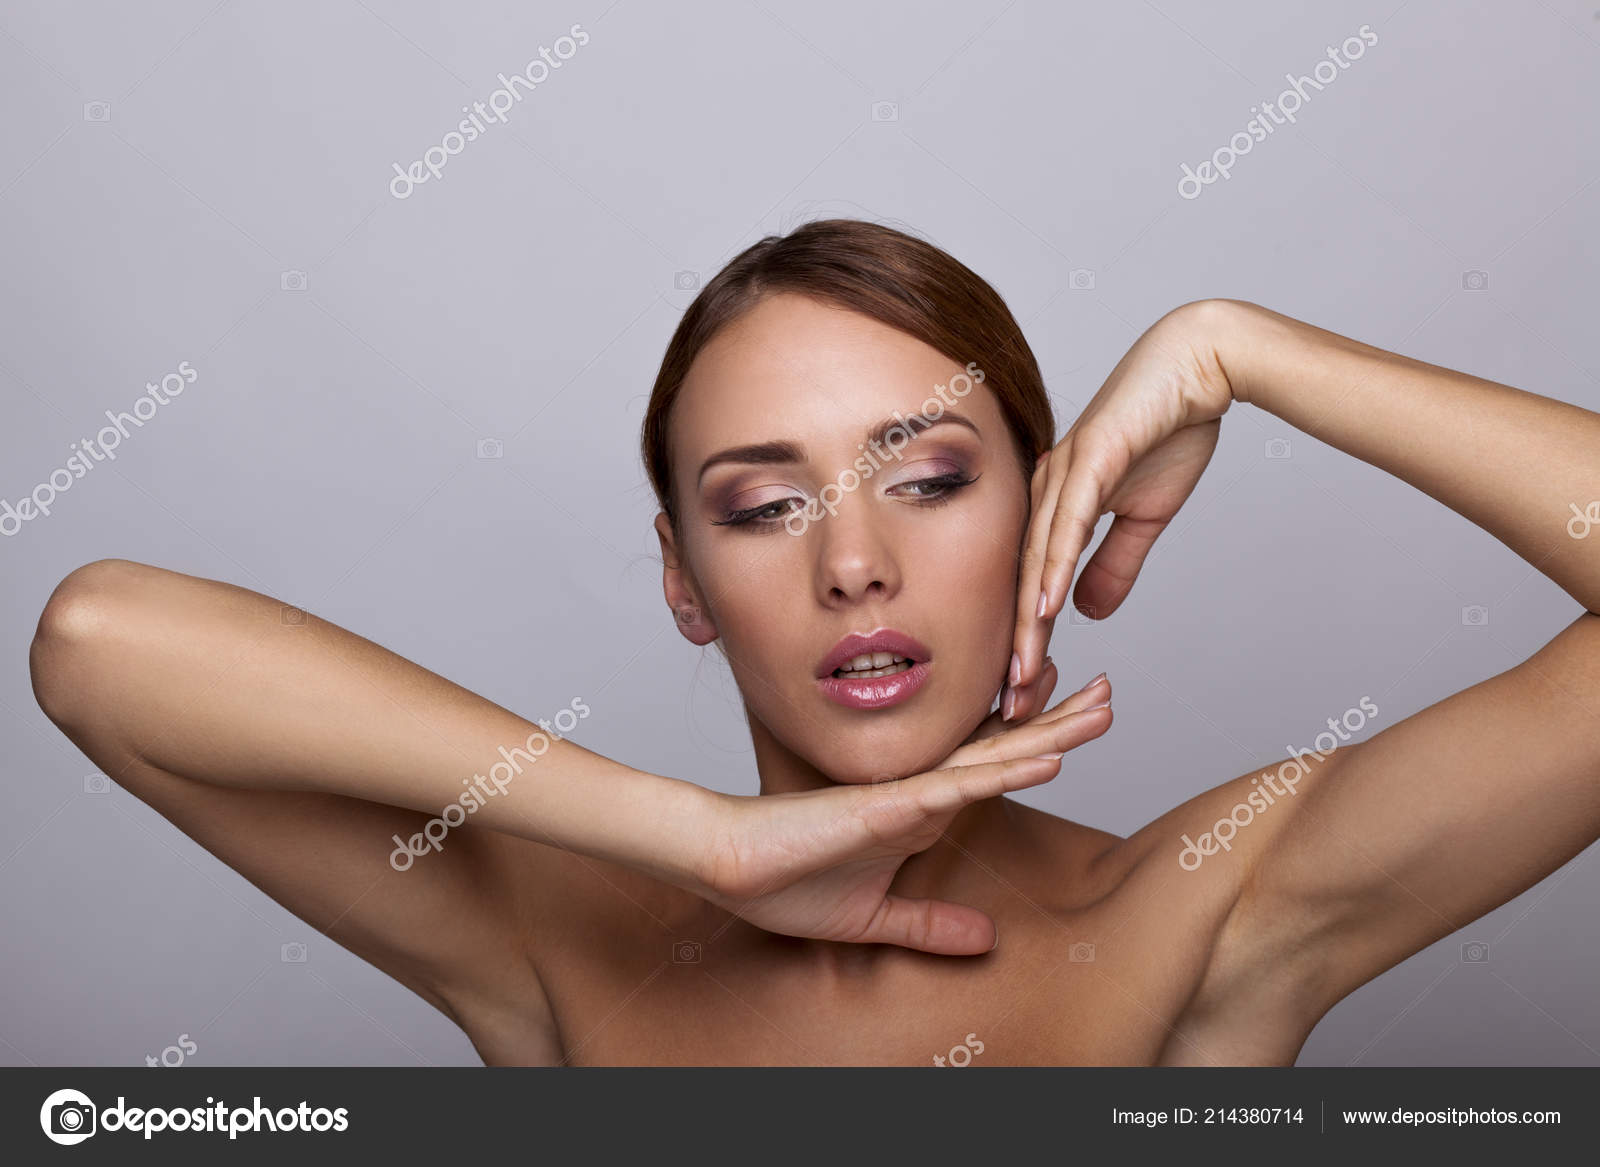 Τέλεια γυμνές εικόνεςVIP πορνό κανάλι